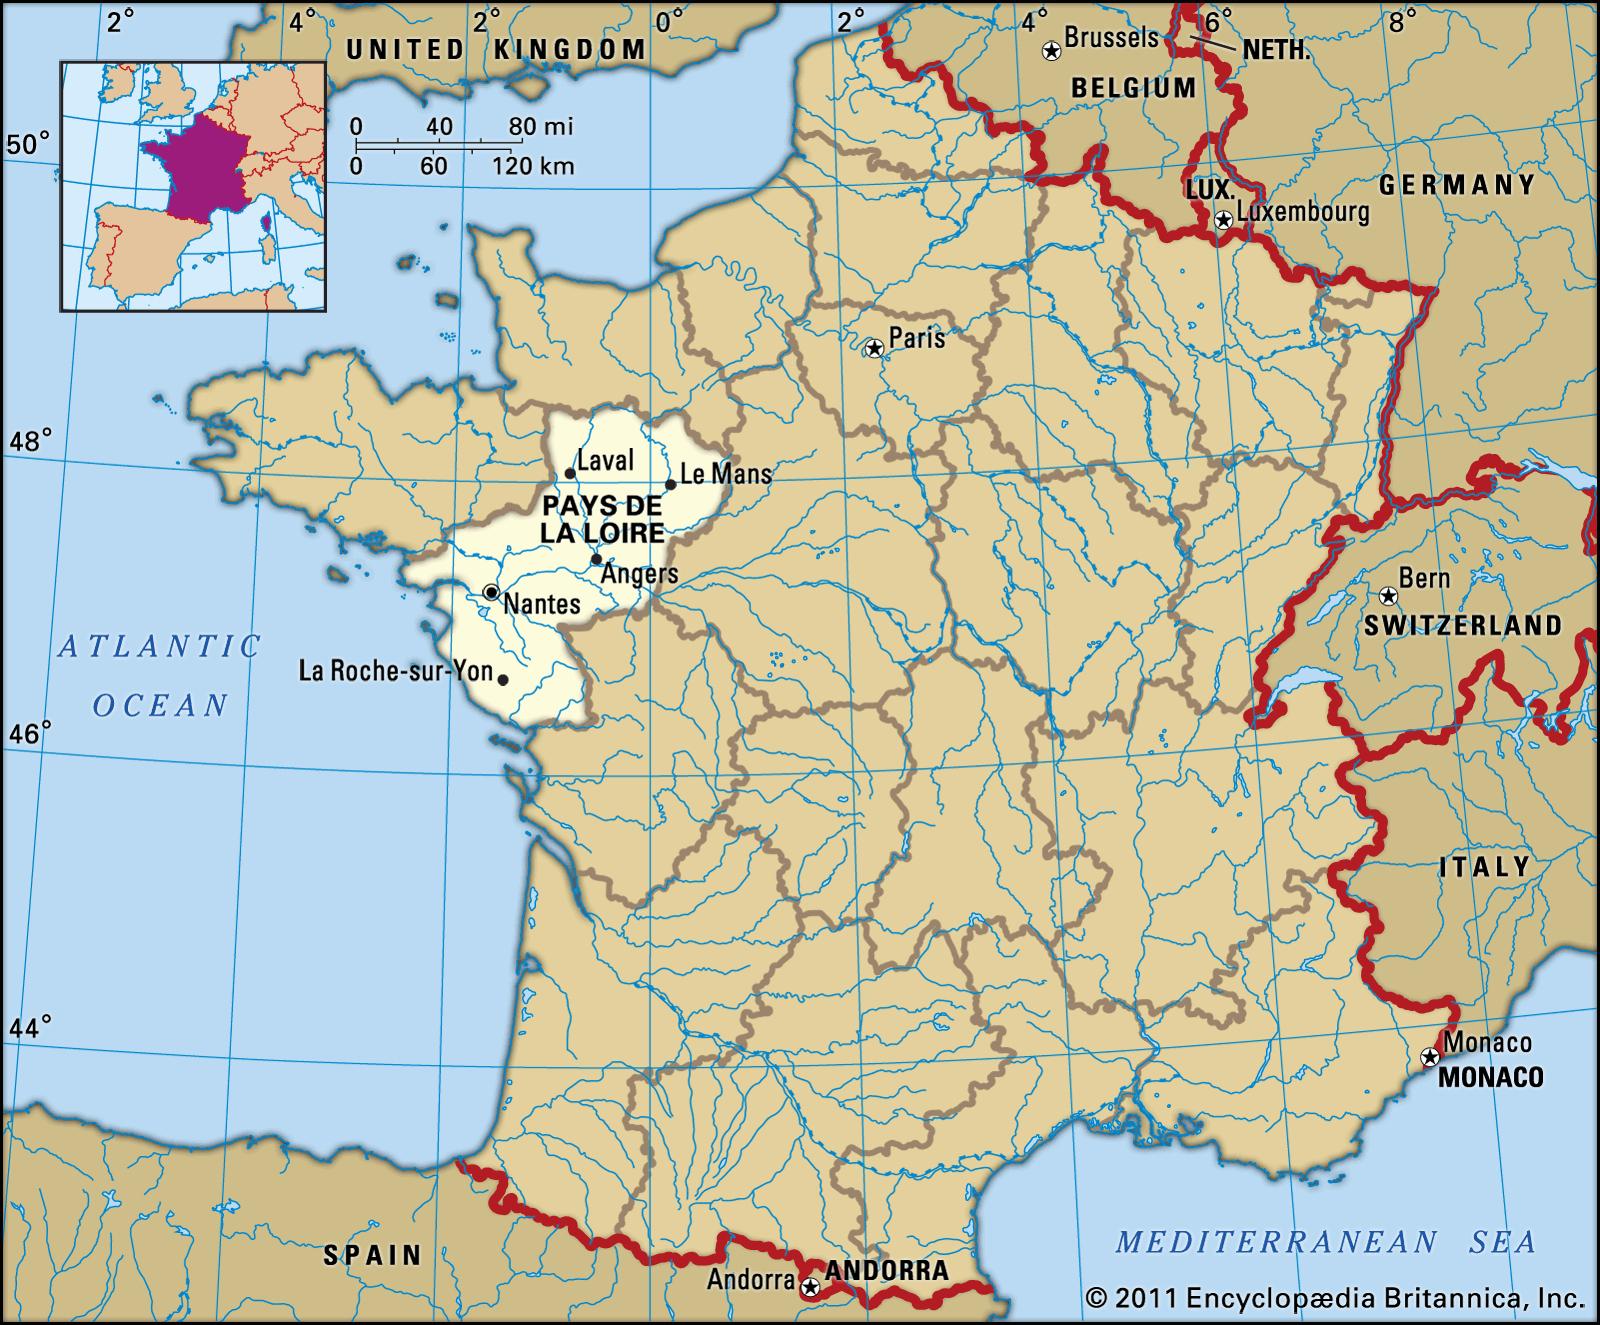 Pays De La Loire | History, Geography, & Points Of Interest concernant Combien Yat Il De Region En France